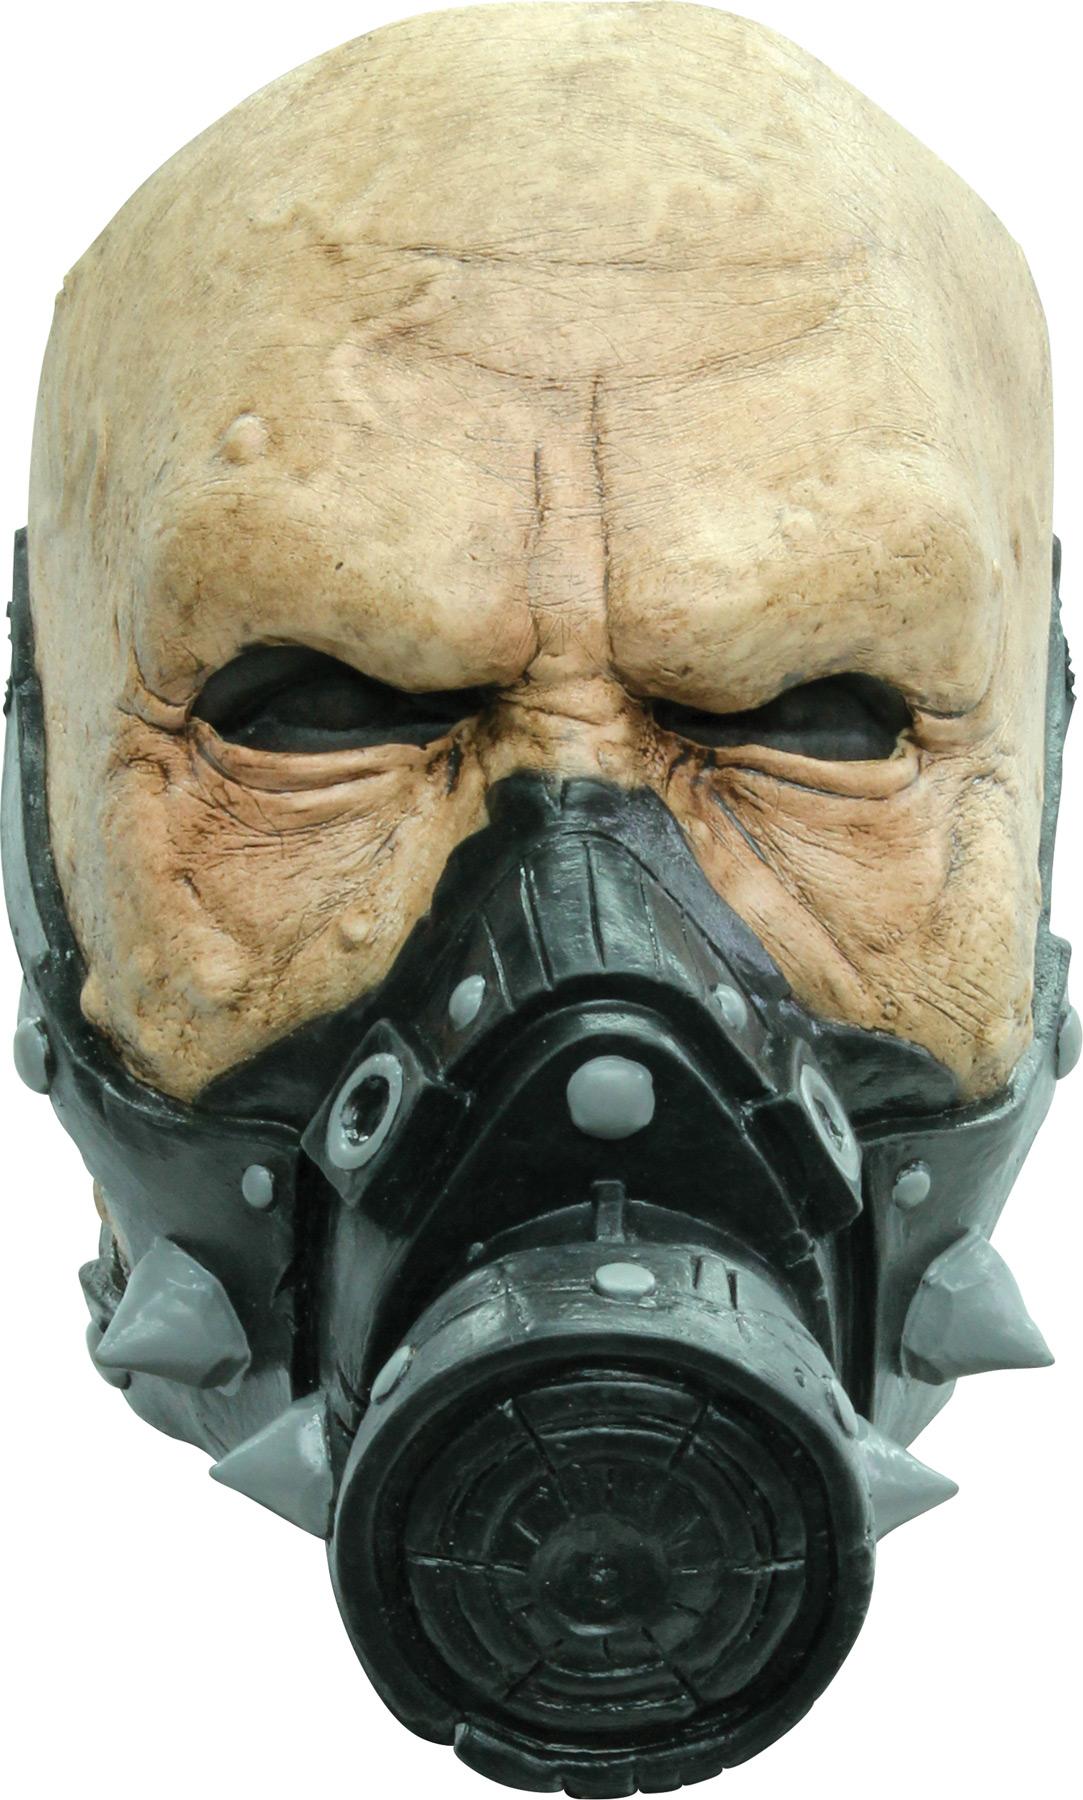 Biohazard Agent Zombie Gas Mask